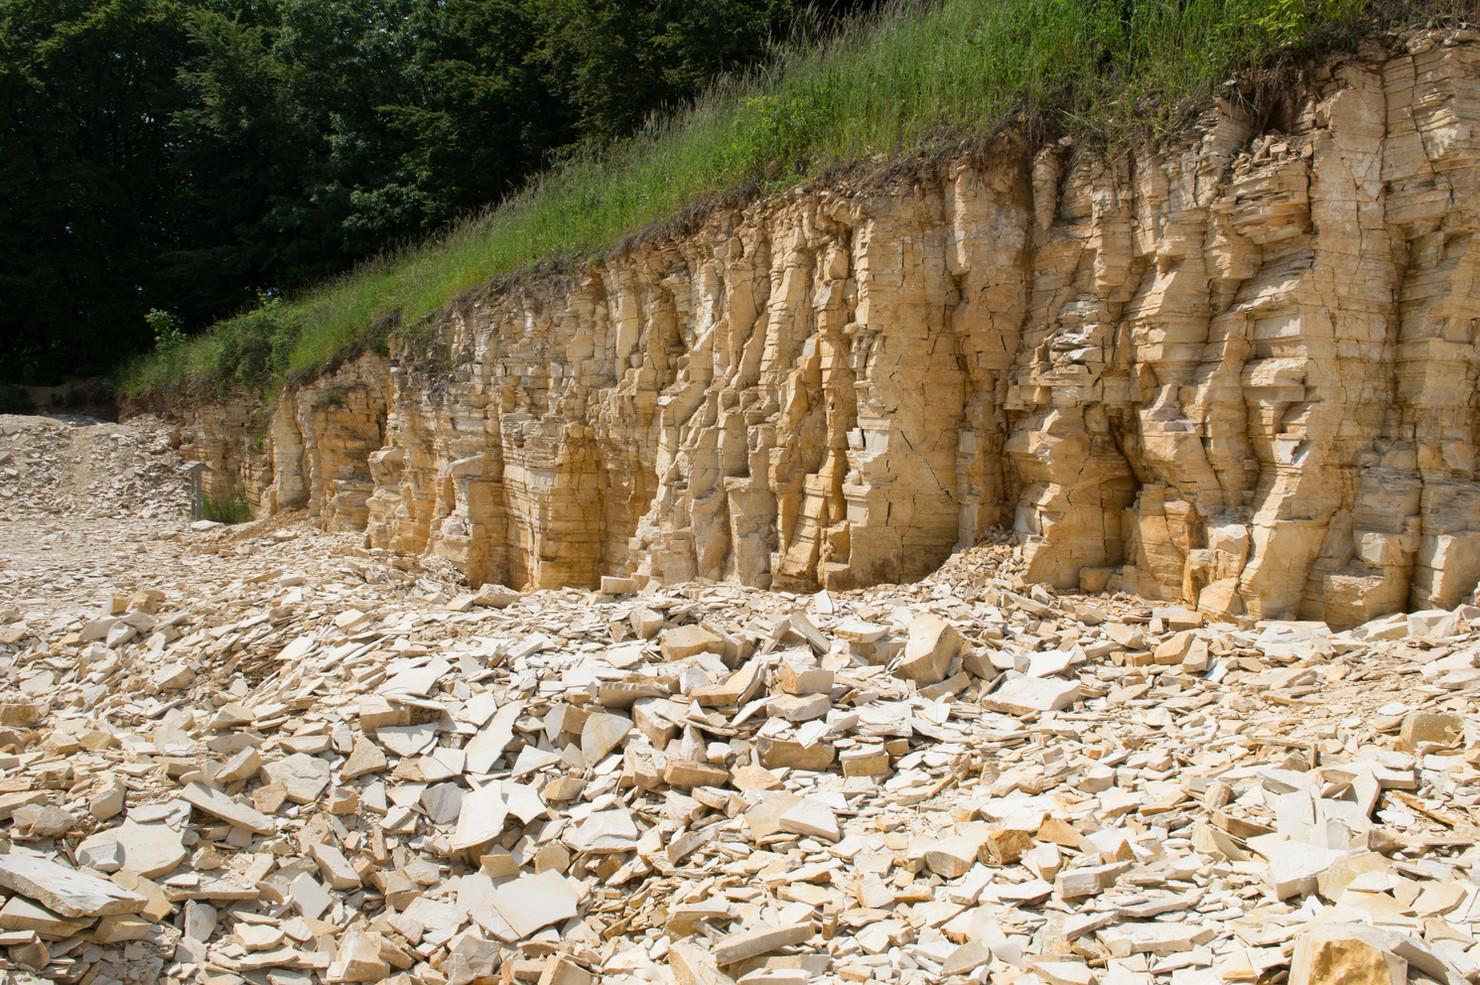 Schamhaupten Quarry near Schamhaupten, Germany